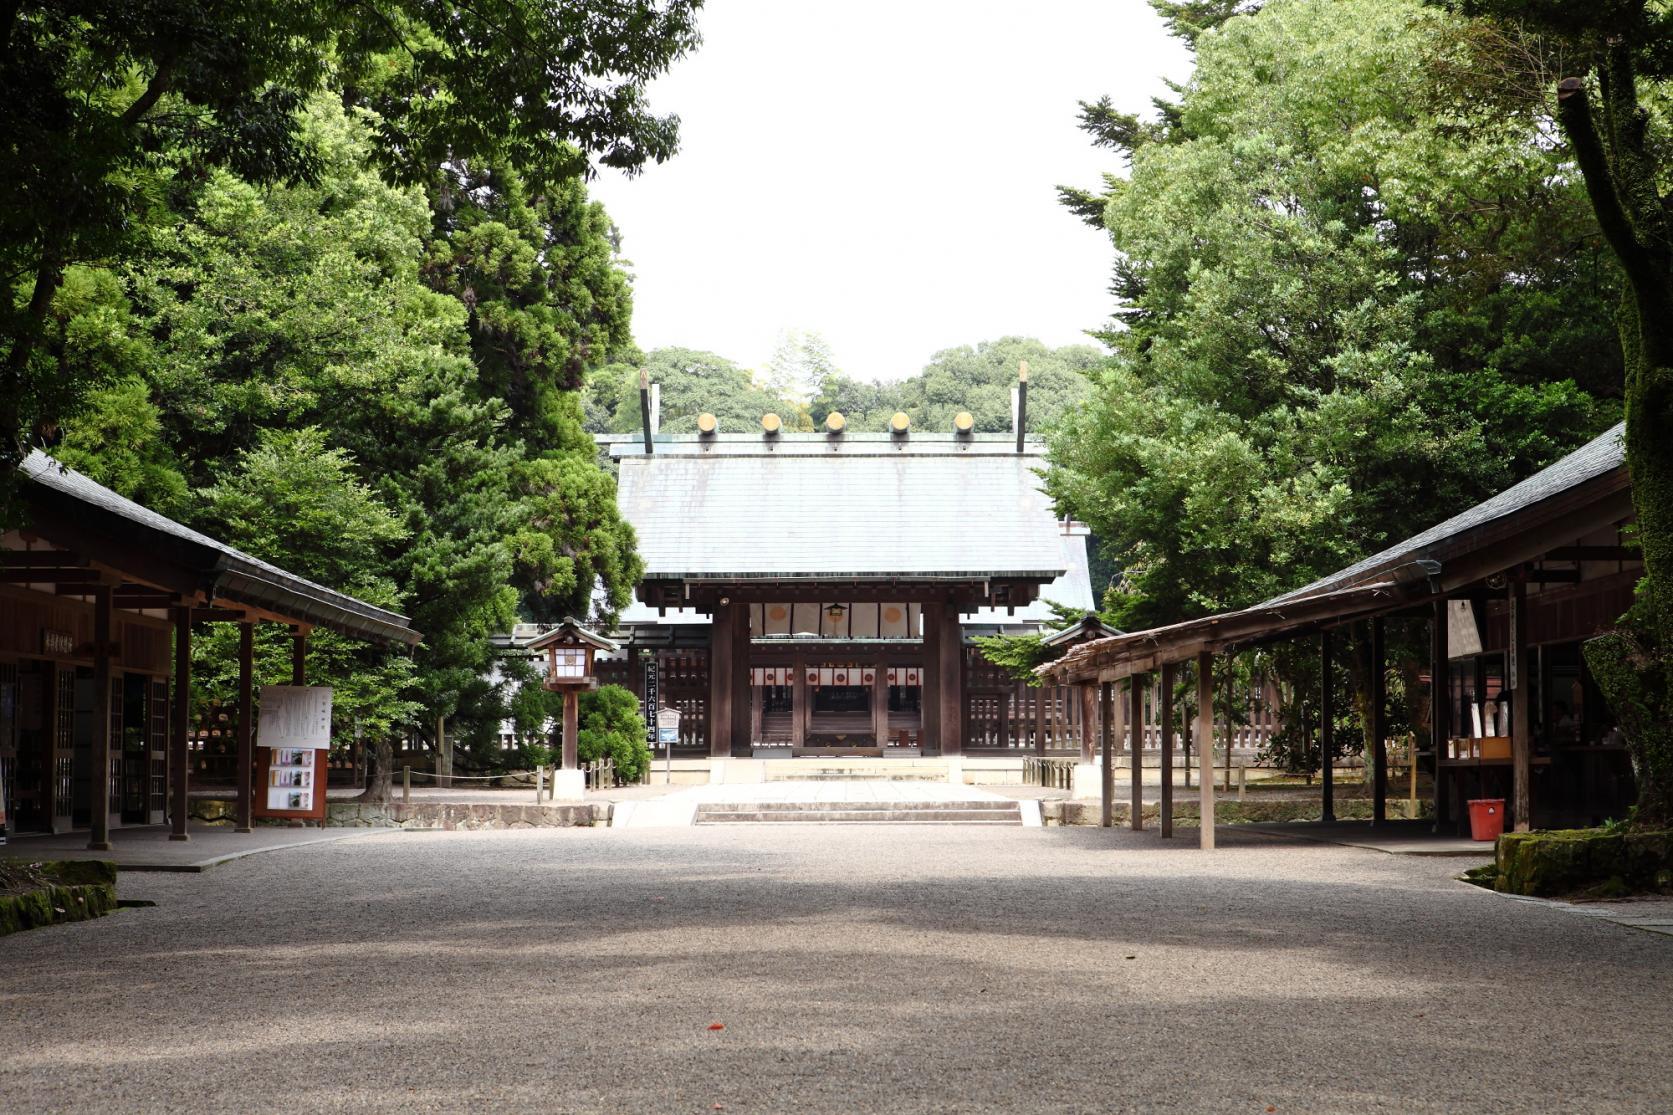 宛如置身于森林之中!漫步其中就可感到神清气爽的宫崎神宫。-1